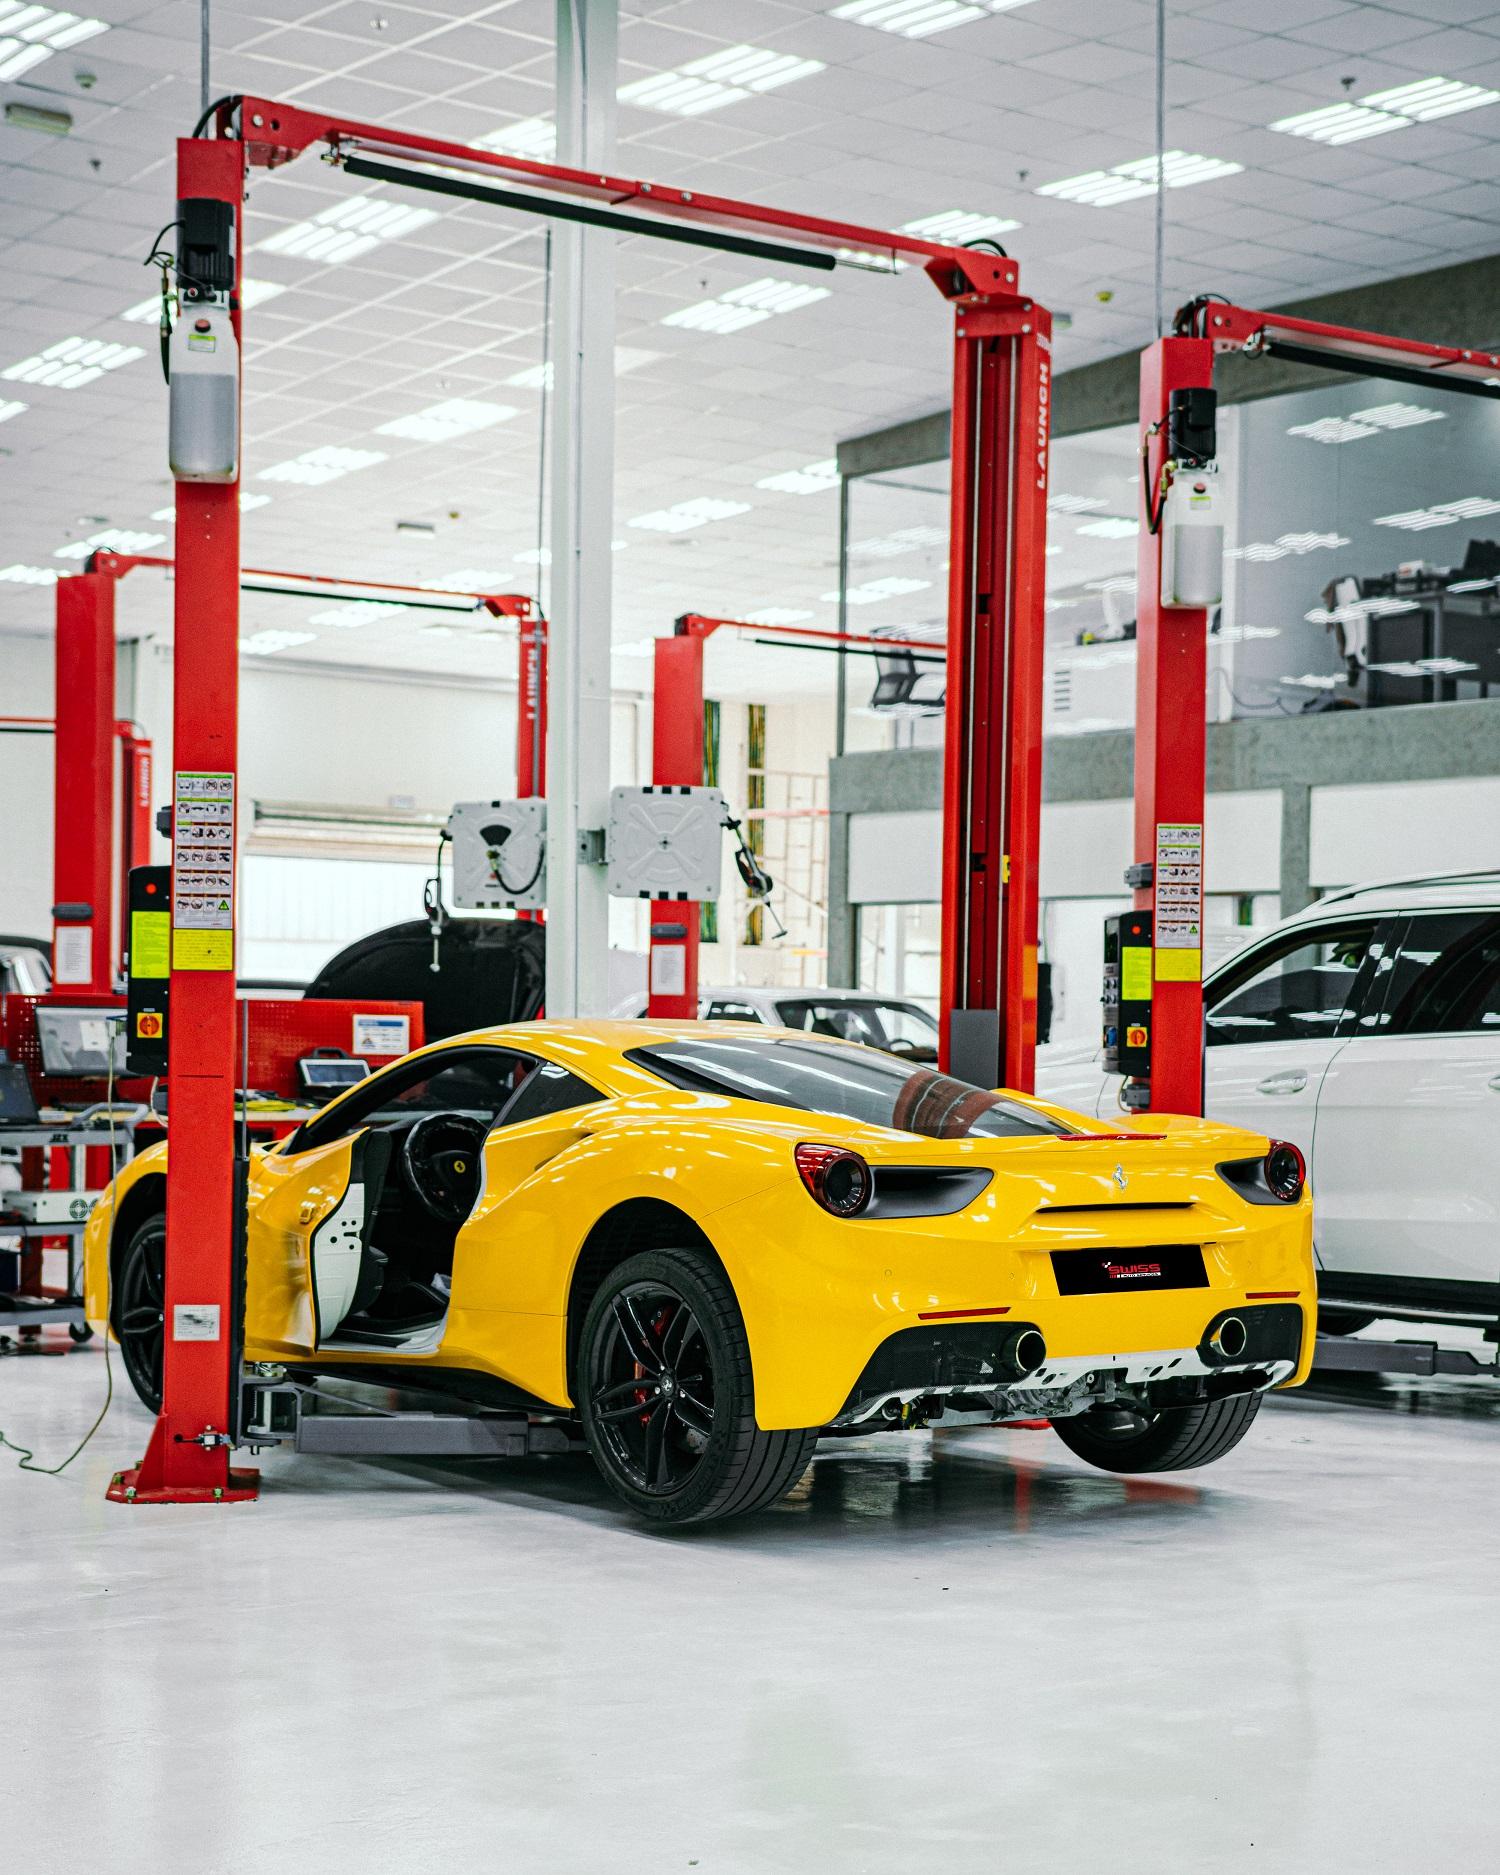 ورشة 'رويال سويس لخدمات السيارات'